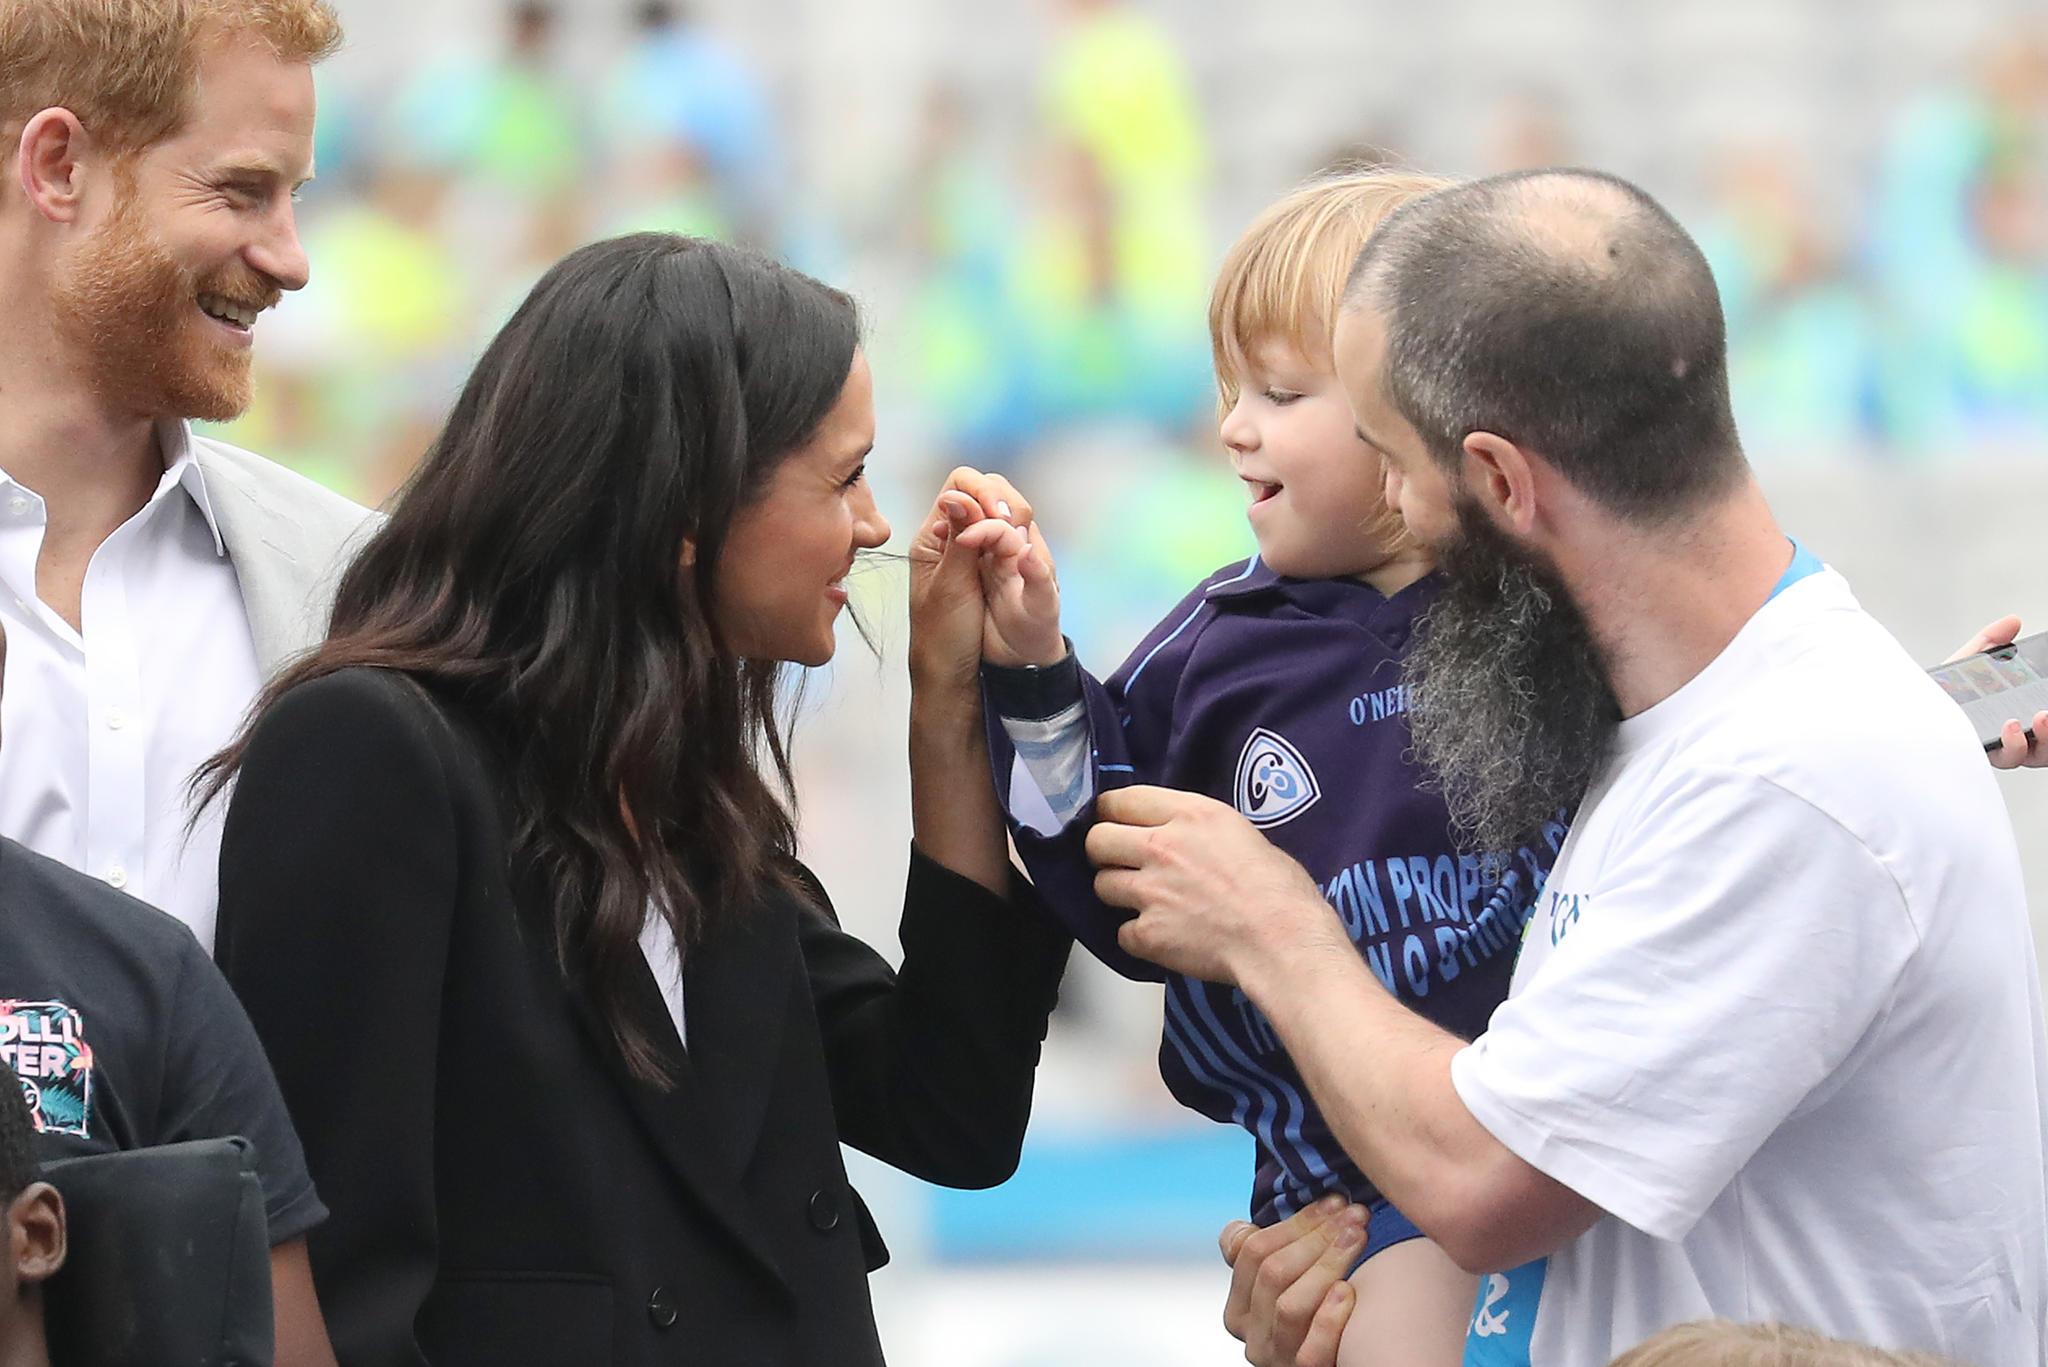 Kinderlieb zeigt sich das Paar gern, wie hier während eines Sportfests in Dublin. Auffällig: Meghan trinkt nur noch Wasser statt Alkohol. Außerdem glättet sie ihre Haare nicht mehr mit chemischen Produkten.